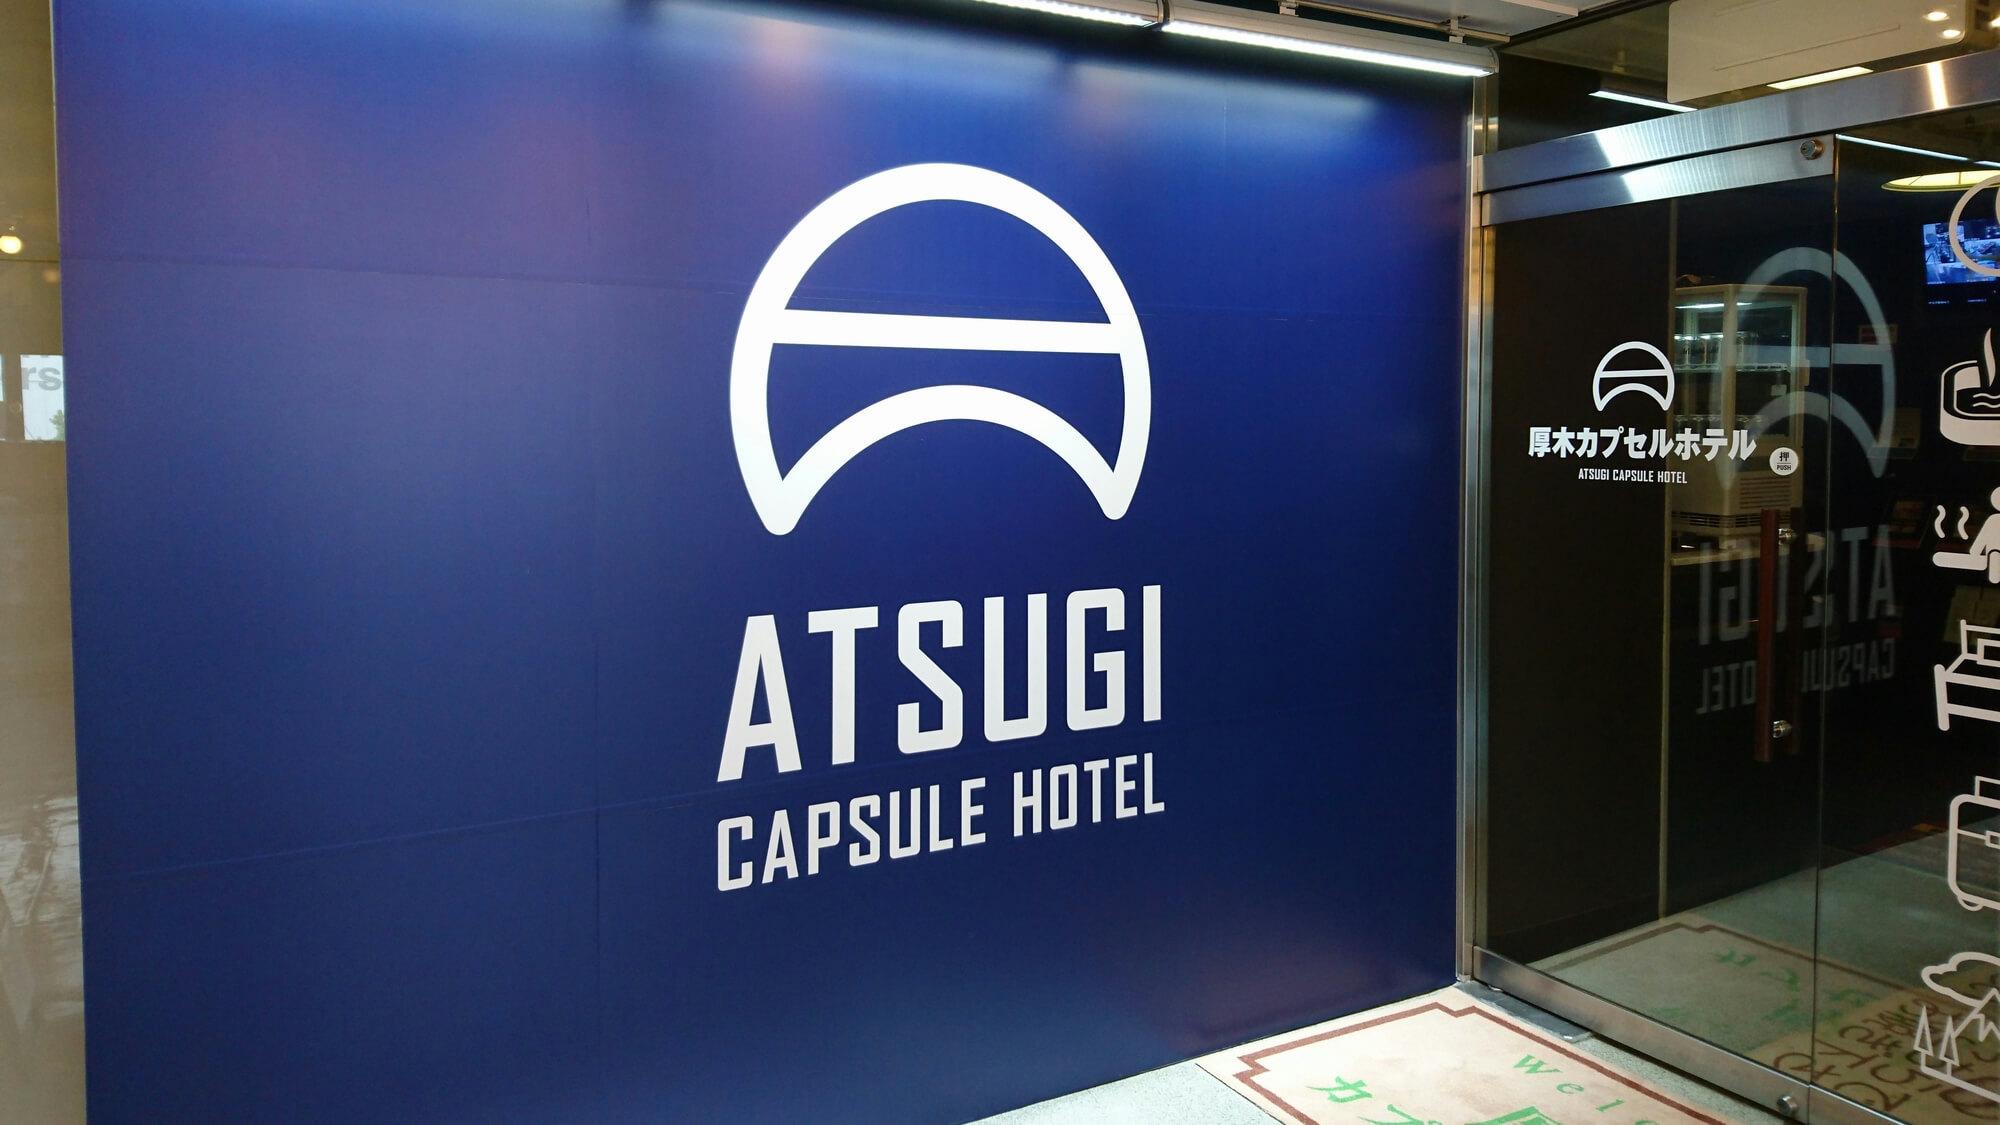 小田原市内で朝食付きのカプセルホテルは?